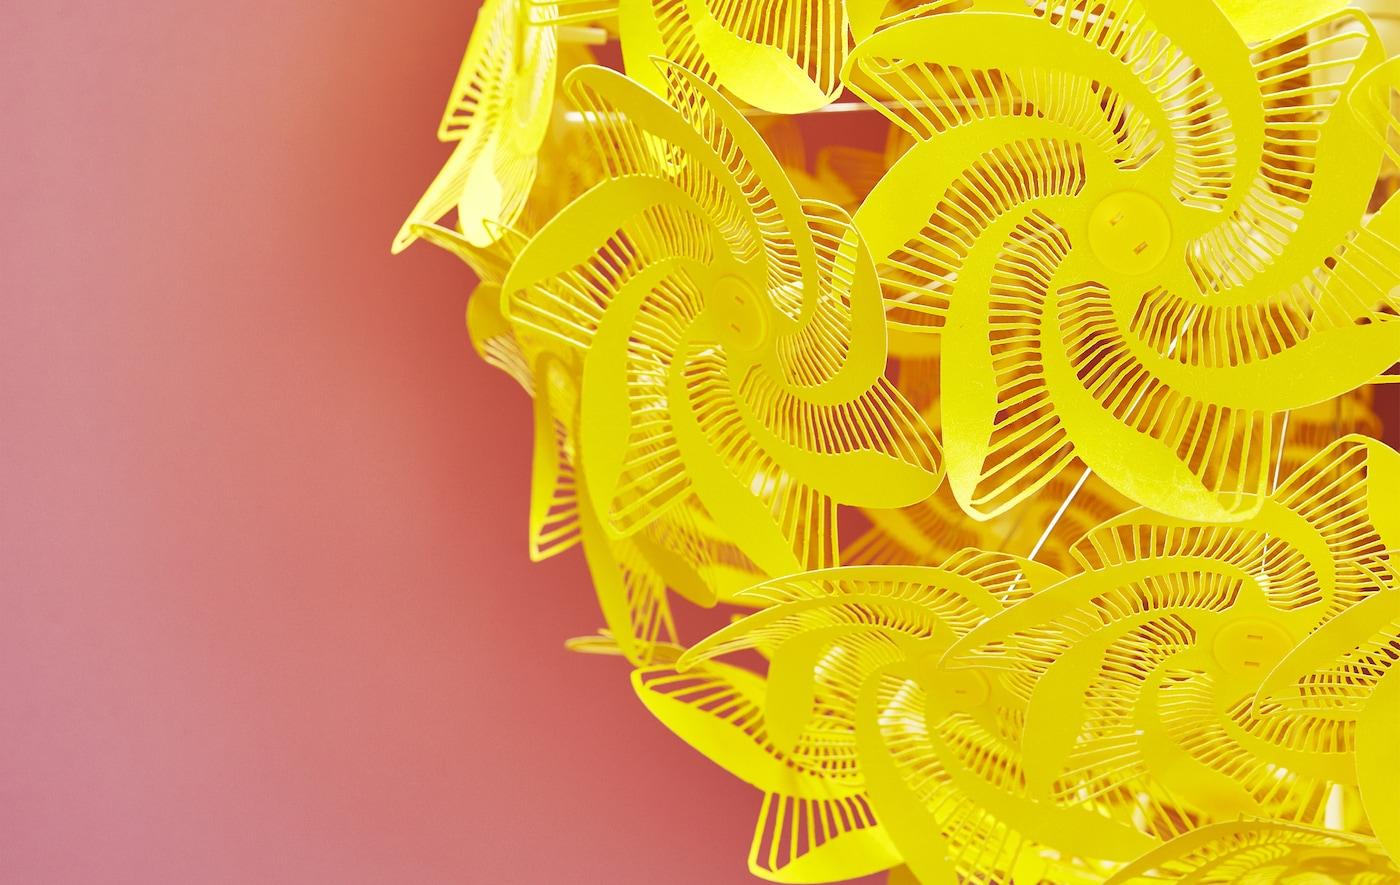 Nahaufnahme einer GRIMSÅS Hängeleuchte in Gelb mit Perforationsmuster vor einem roten Hintergrund